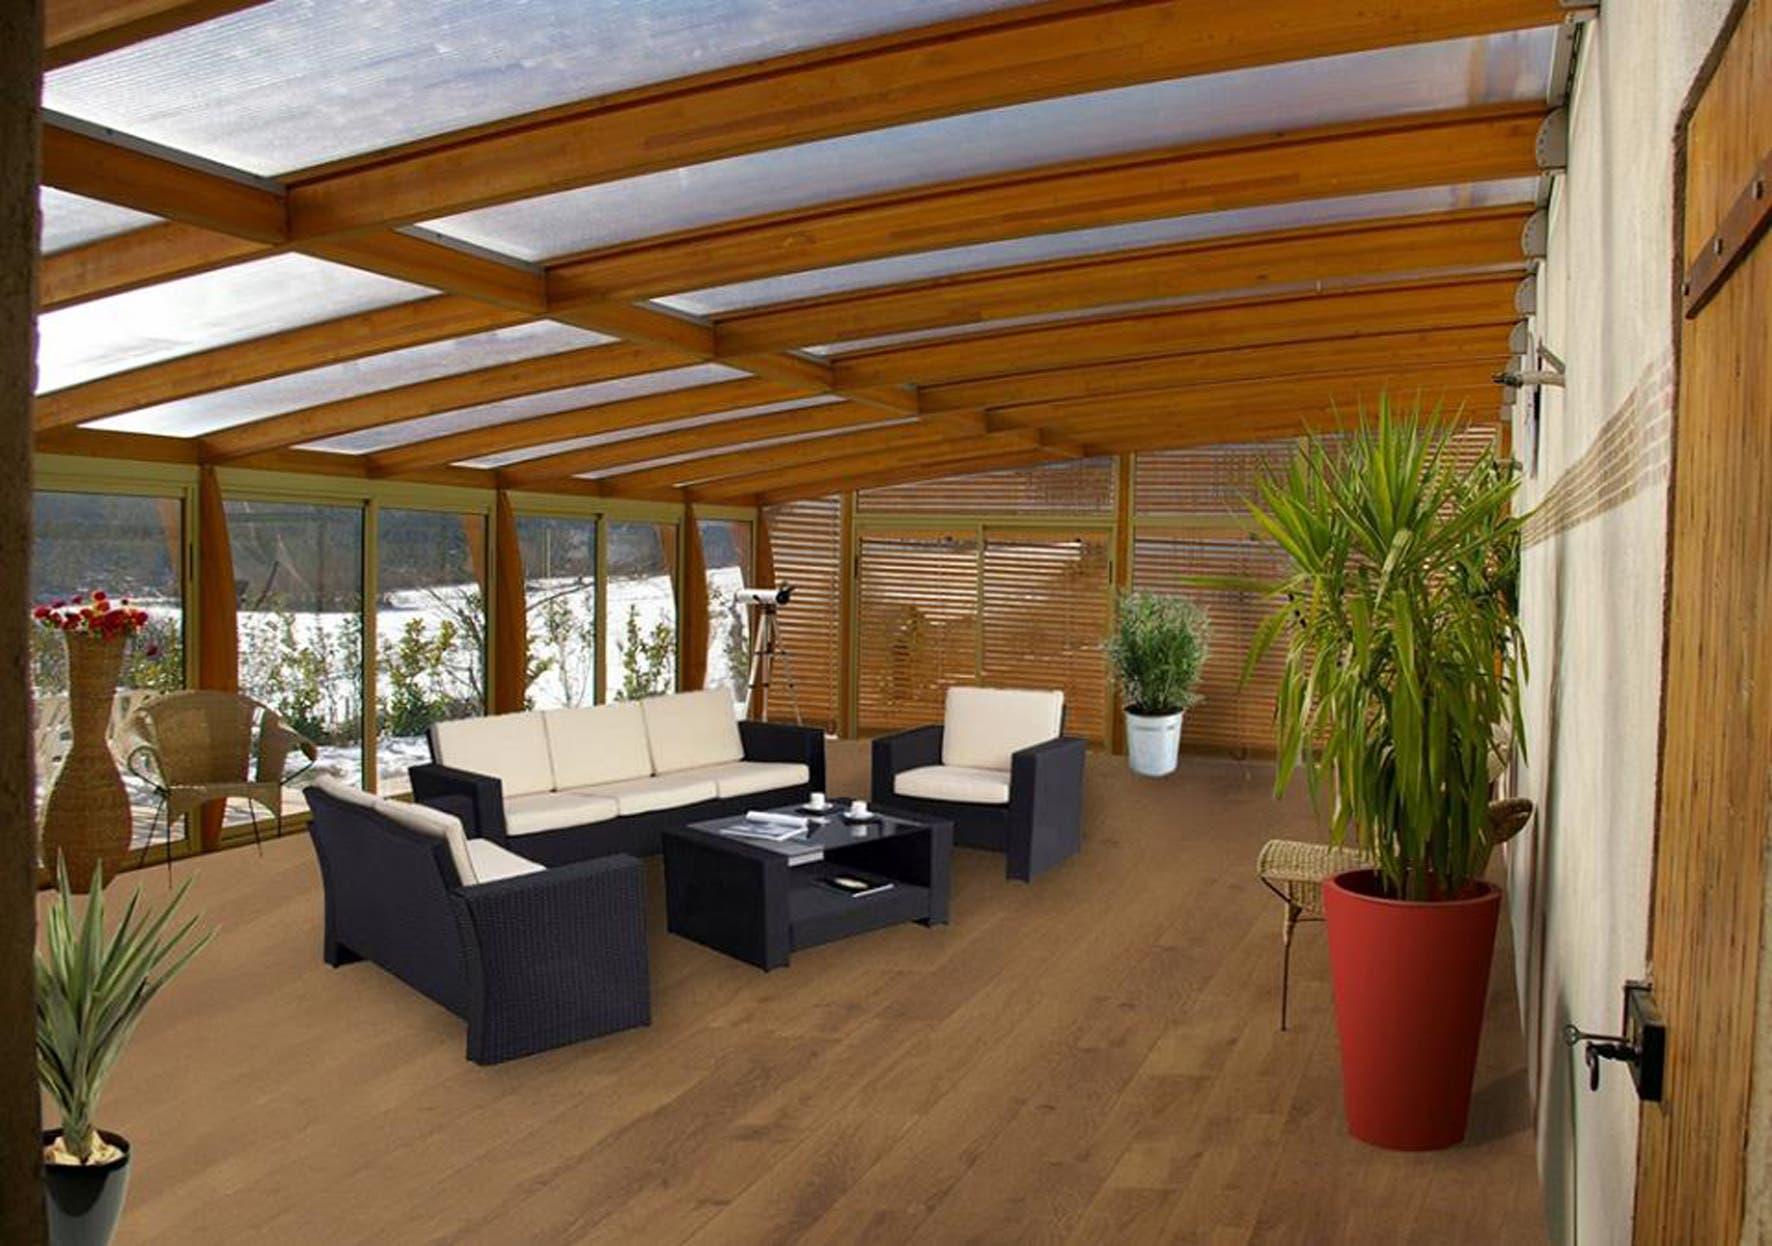 modernas salas de estar con ventanas al verde. Black Bedroom Furniture Sets. Home Design Ideas